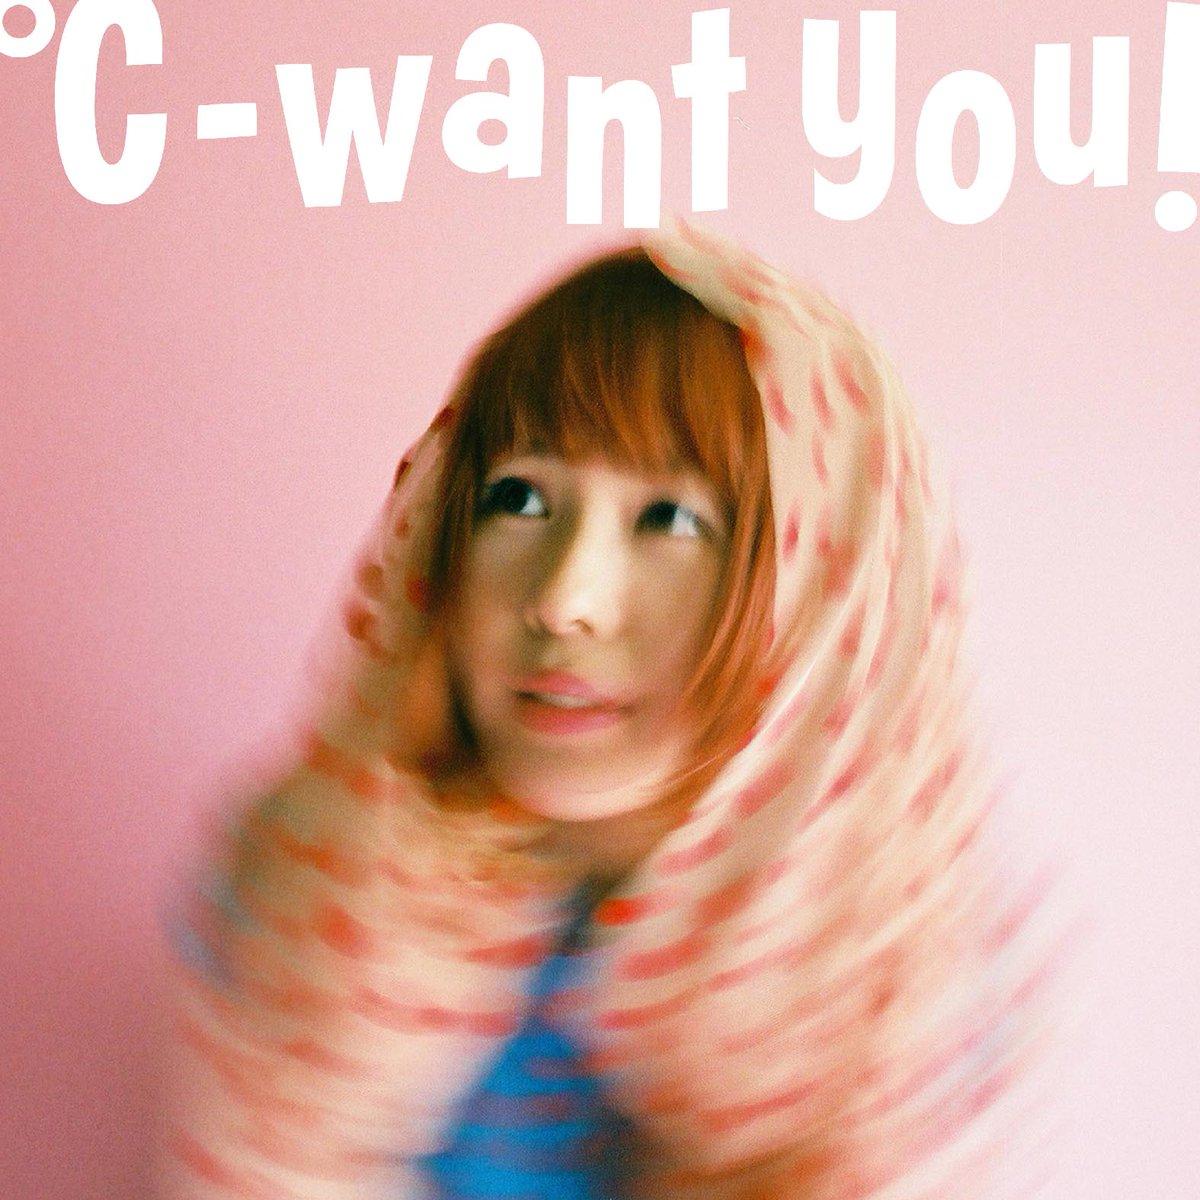 ℃-want you!の1stアルバム『℃-want you!』が #レコードの日 にアナログ化されることが決定しました!リリースを記念し、℃-want you!と、本作のプロデュースを手掛けた武藤星児、雷音レコードオーナー本秀康のスペシャル鼎談を公開!ぜひご一読ください💕